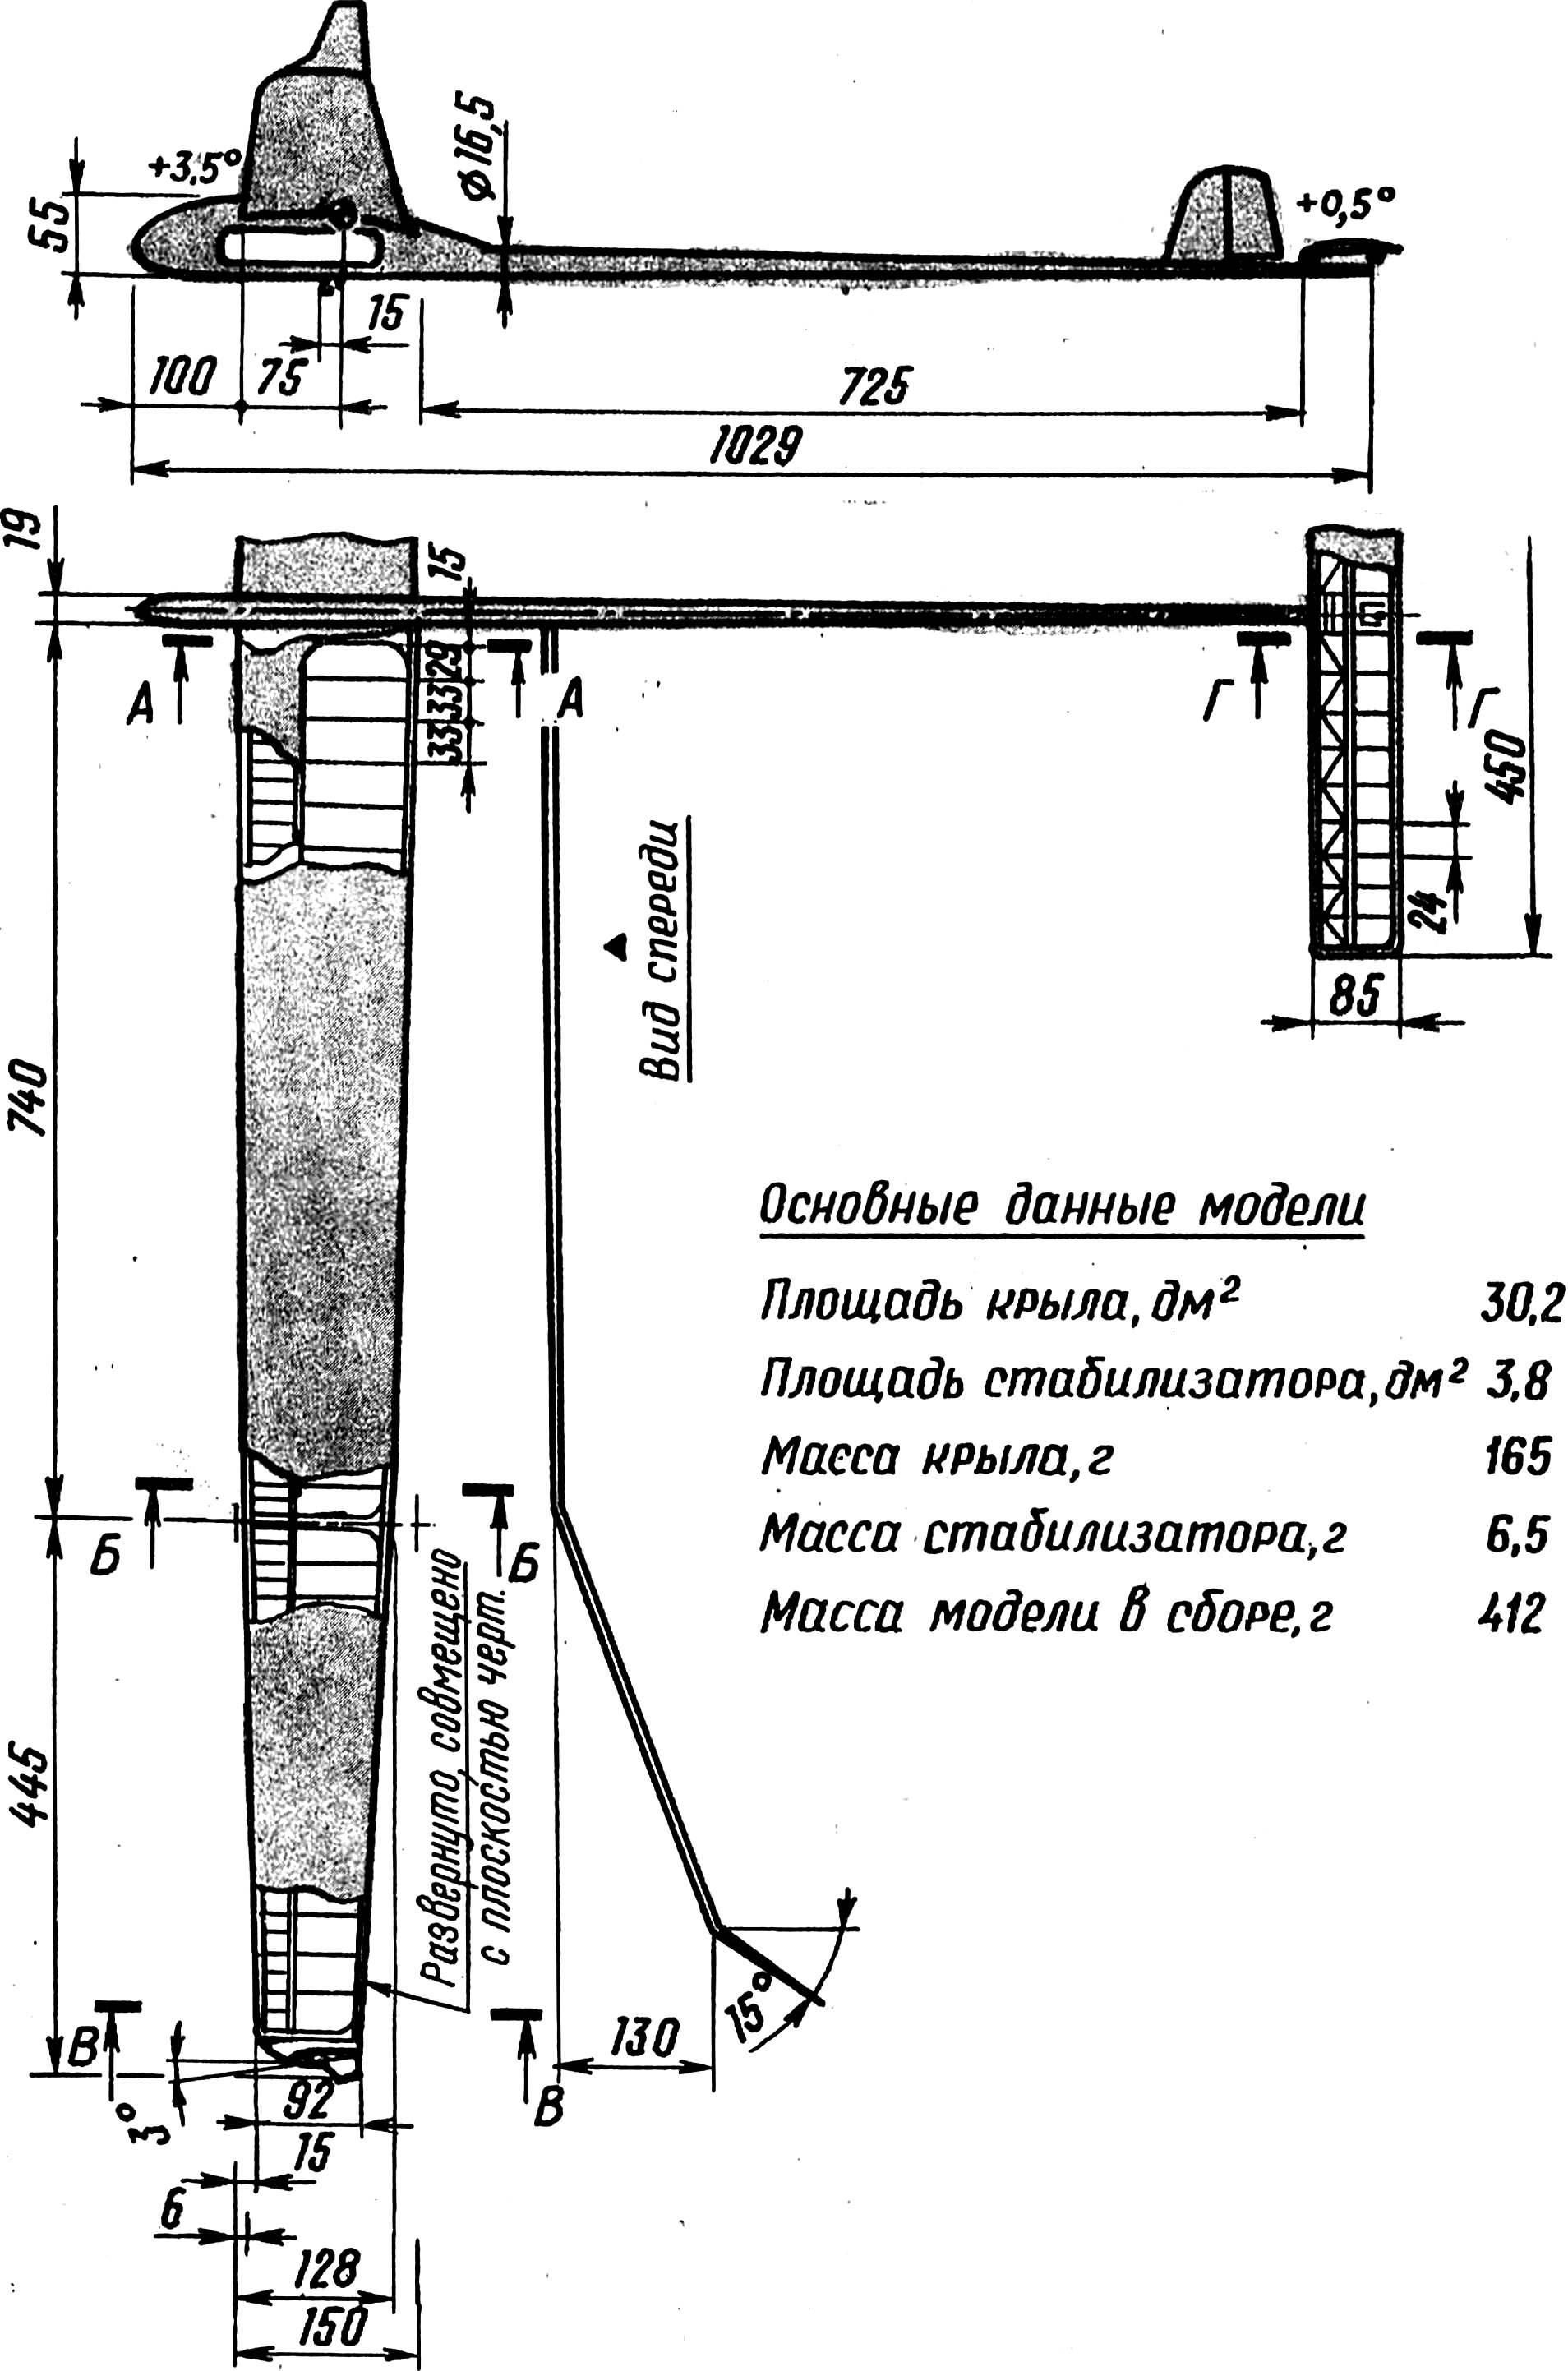 Рис. 1. Общий вид модели планера F1-A и наиболее характерные сечения крыла, стабилизатора (внизу).